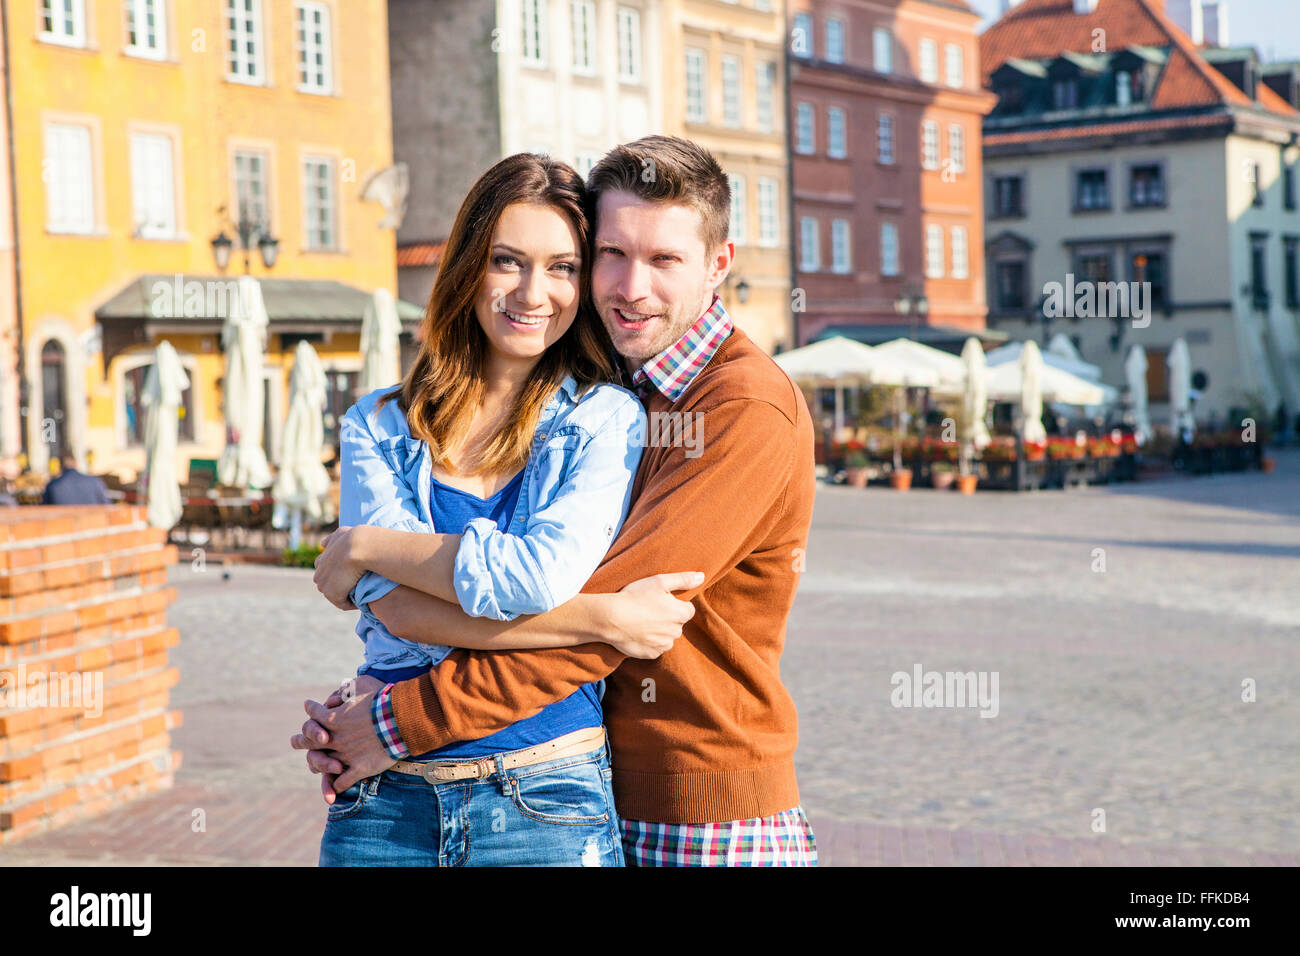 Retrato de la feliz pareja adulta media en Varsovia Imagen De Stock